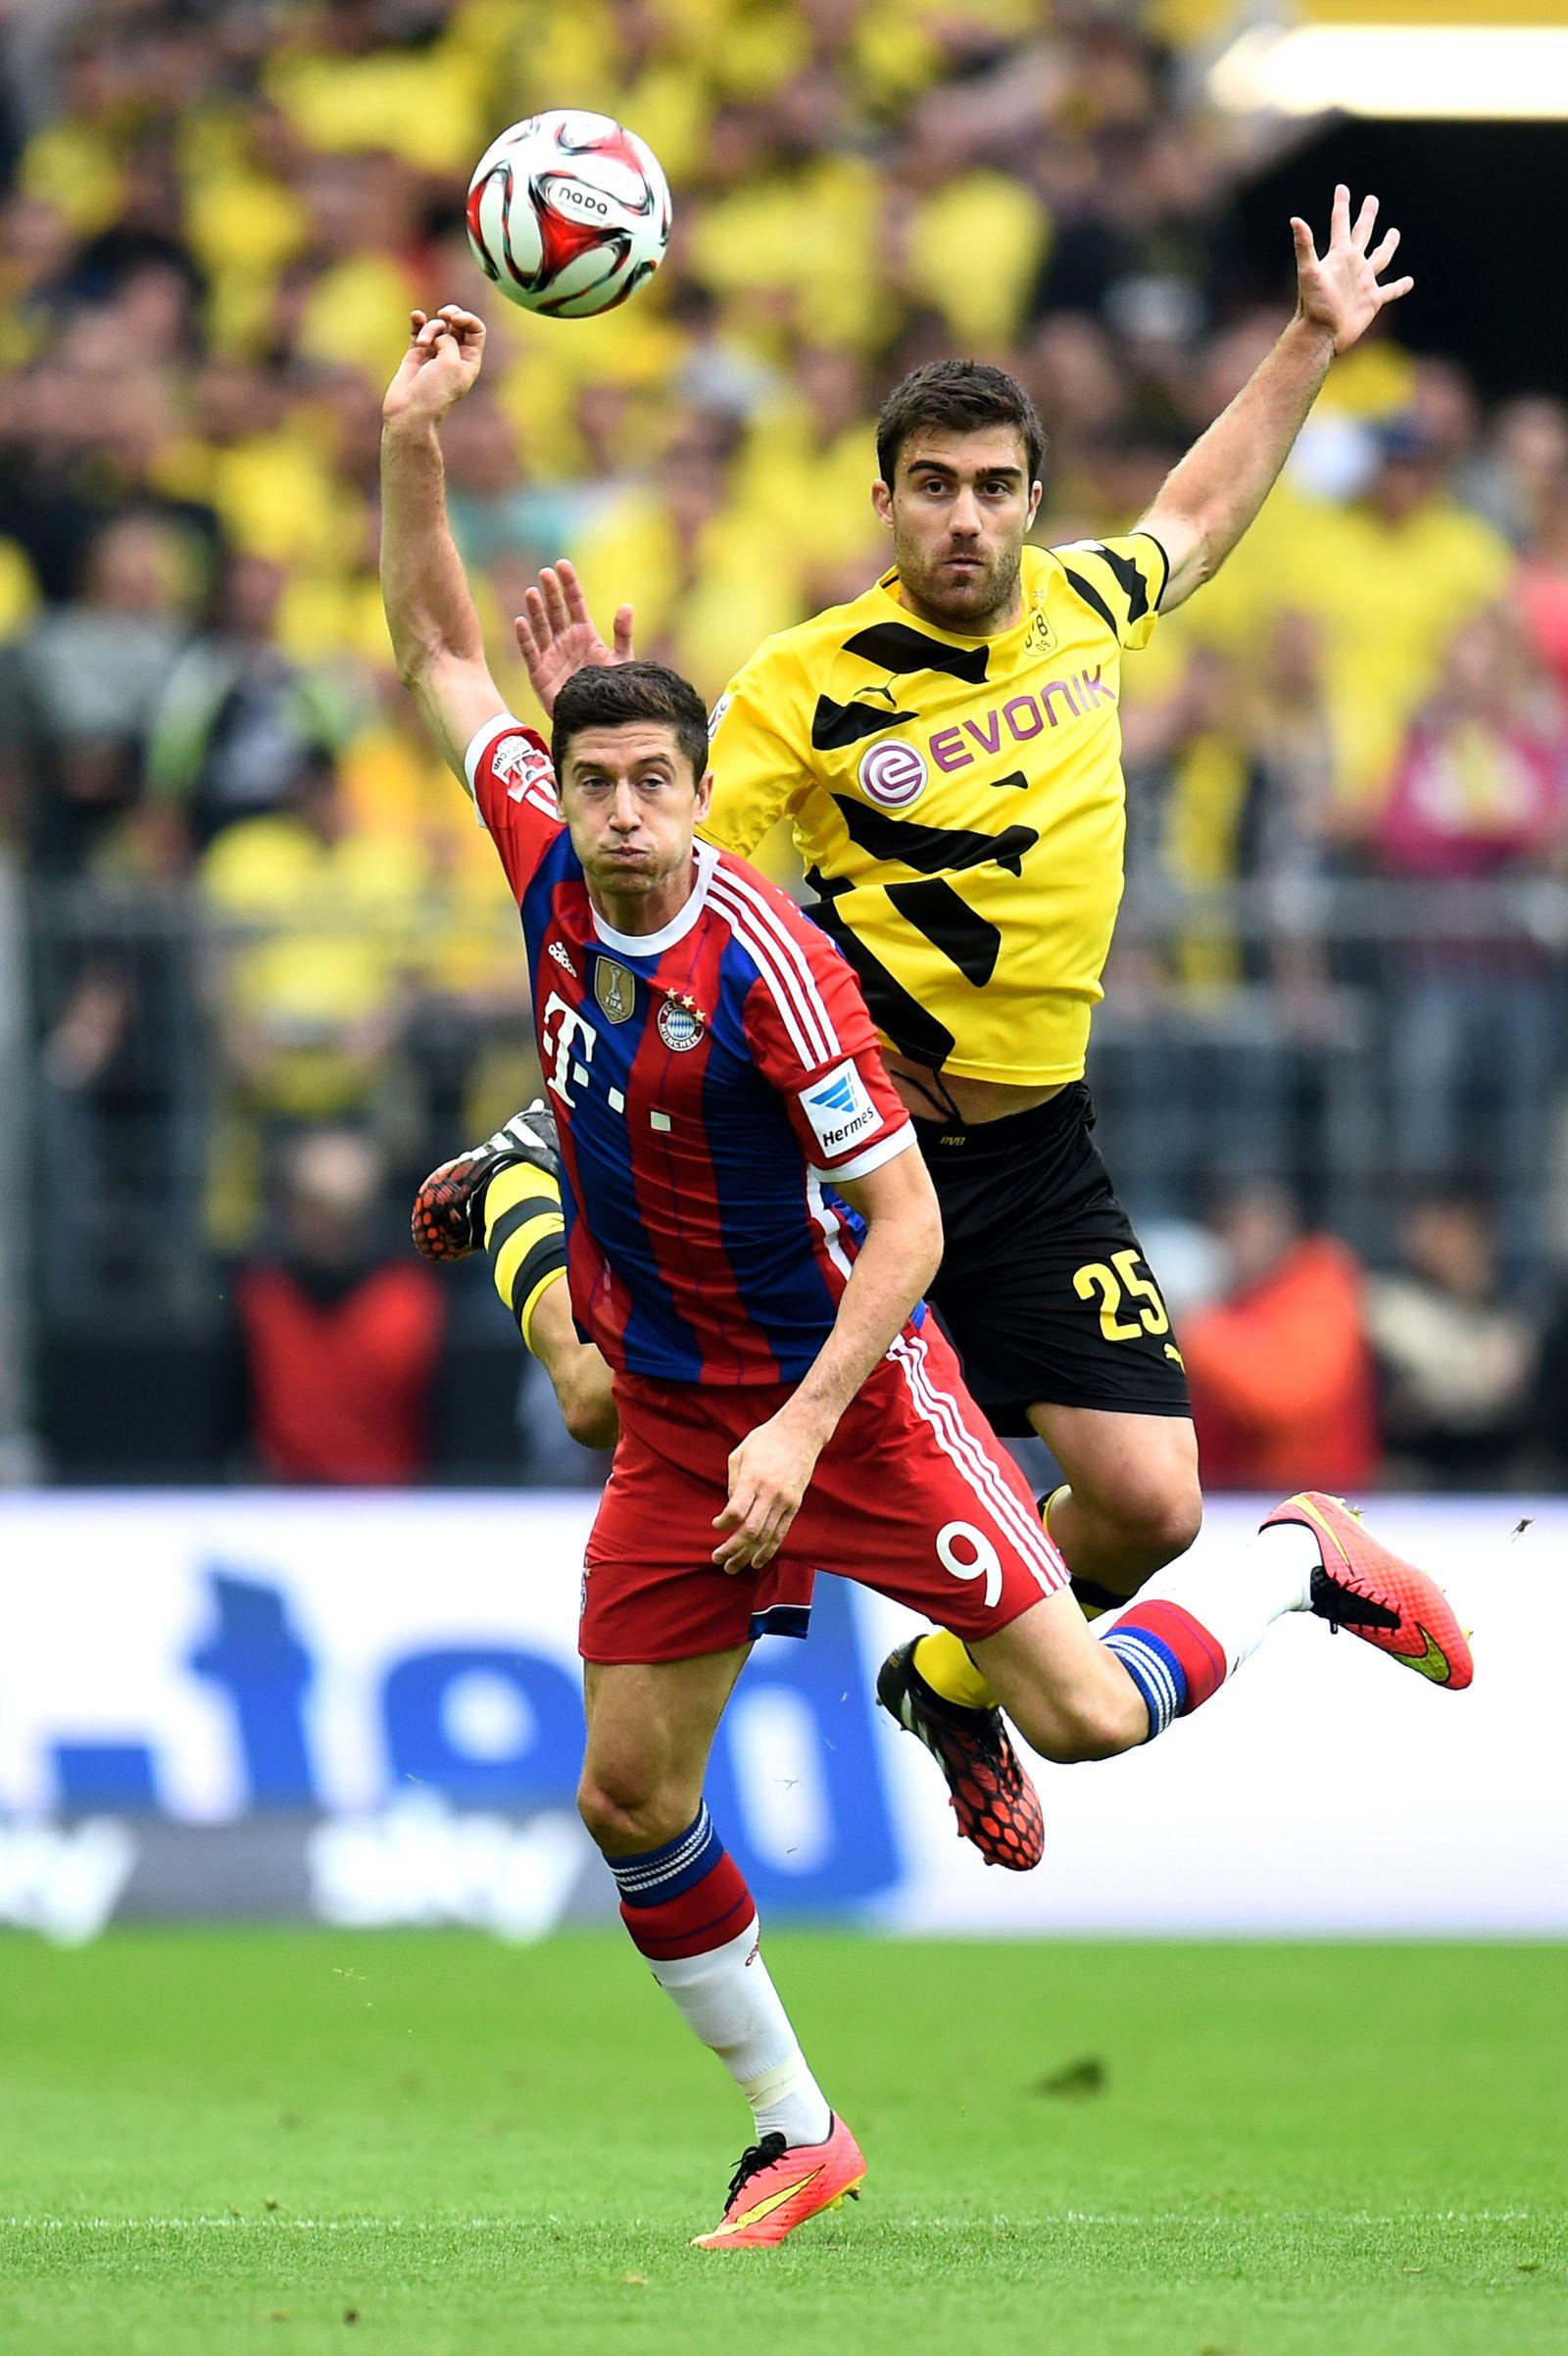 Borussia Dortmund vs Bayern München/ Supercup Finale 2014